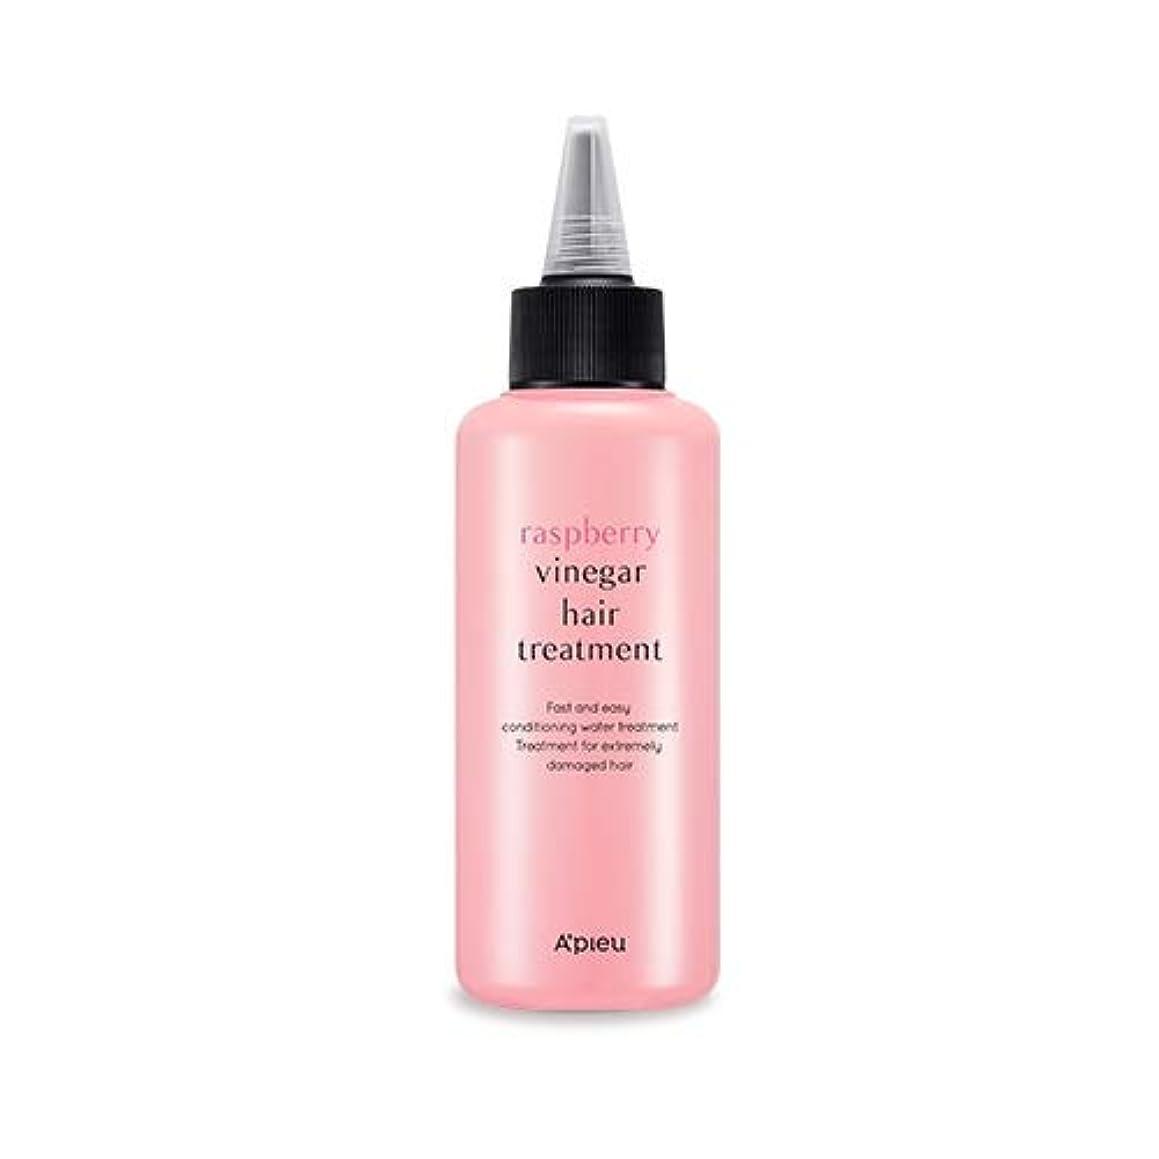 逆さまに傑作否認するアピュ ラズベリー ヘア ビネガー(酢)ヘア トリートメント 165ml / APIEU Raspberry Vinegar Hair Treatment 165ml [並行輸入品]